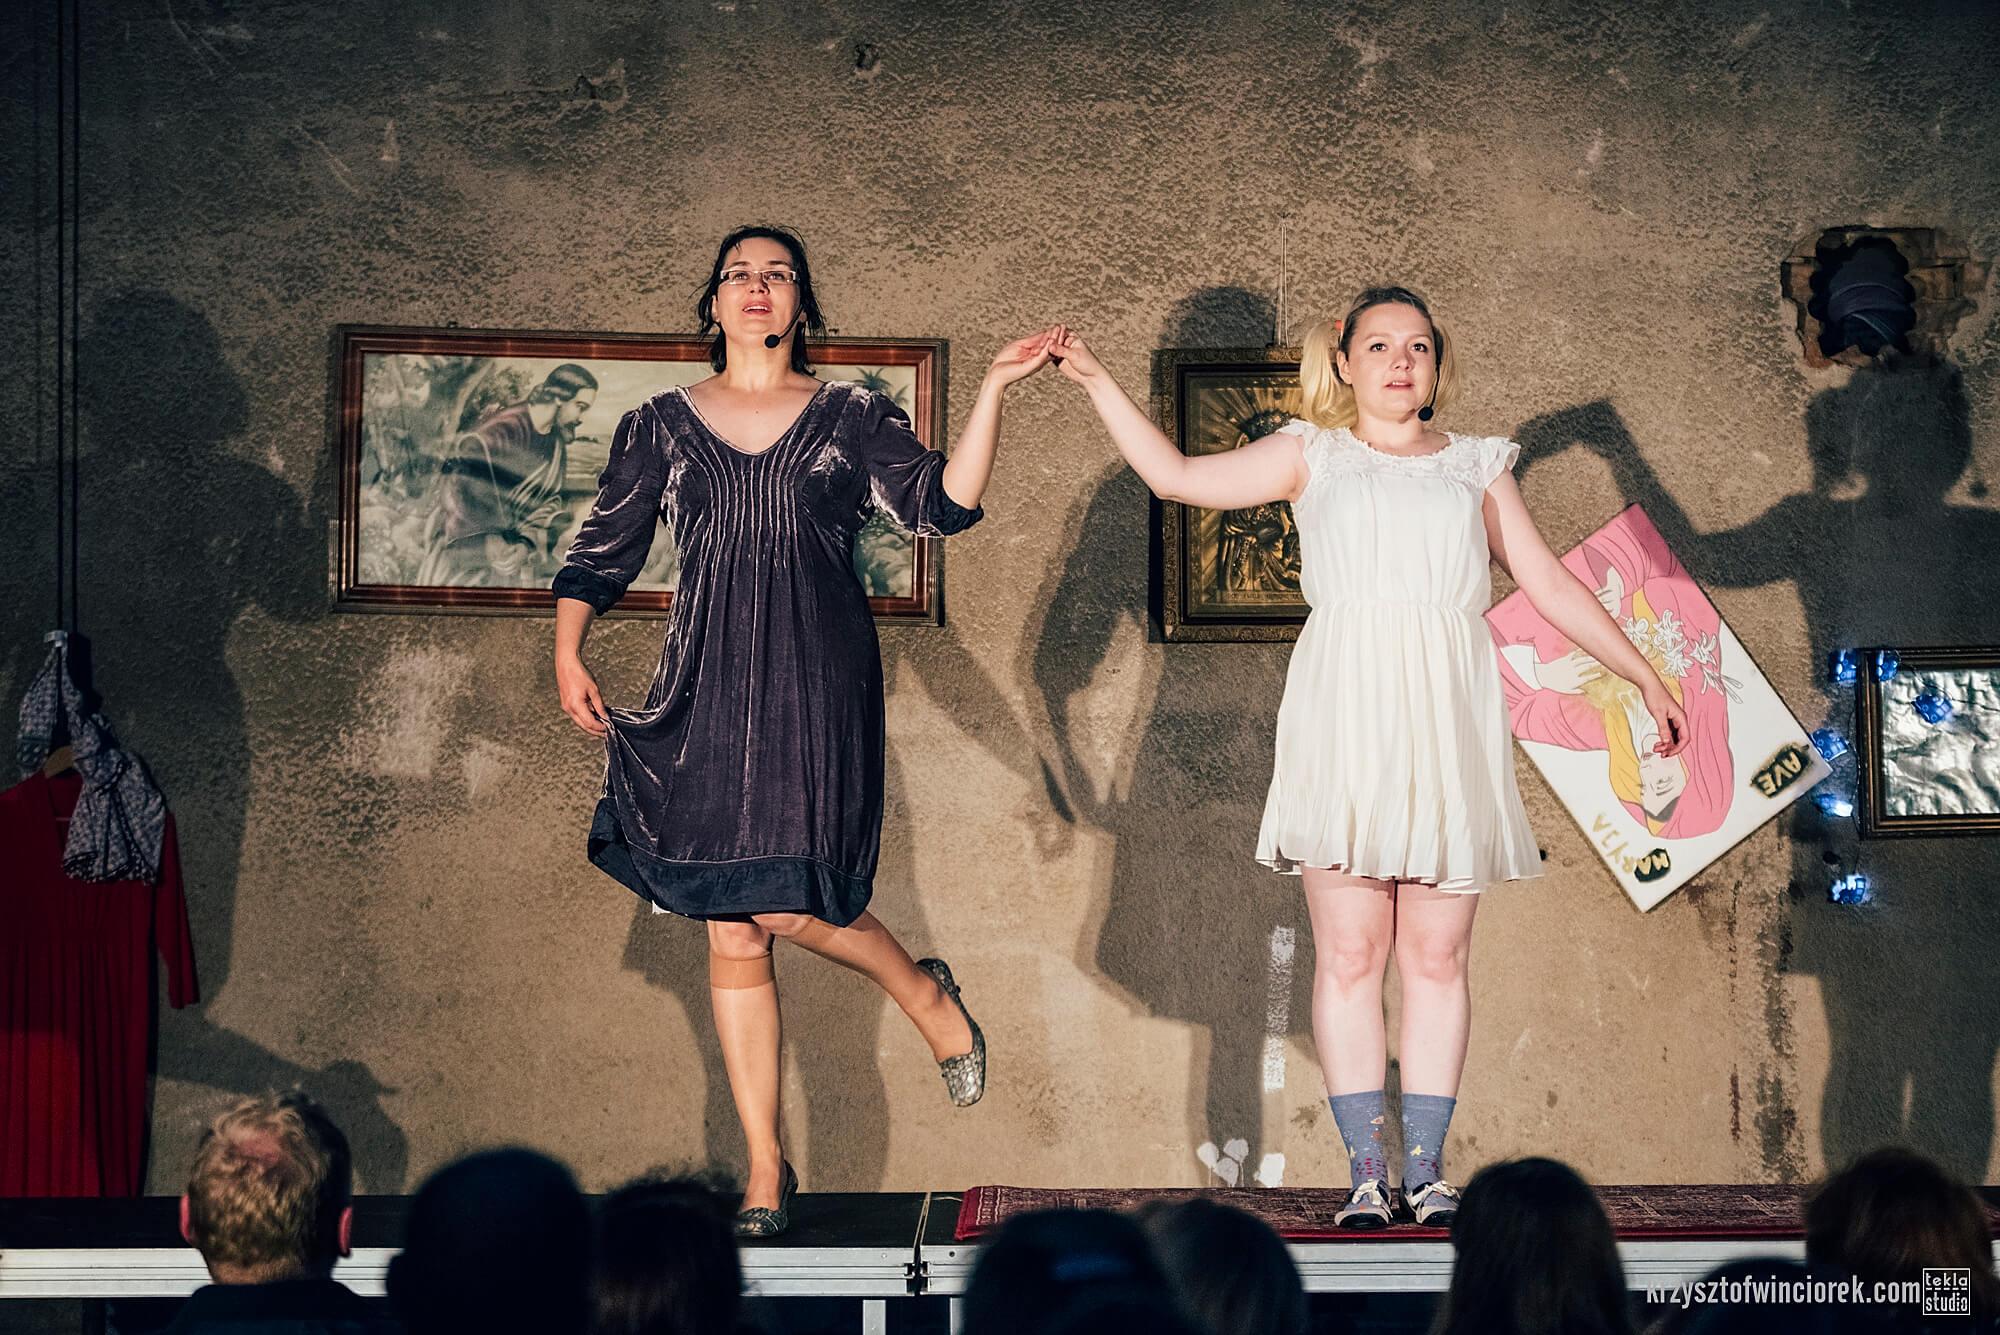 Zdjęcie do spektaklu Kawa, Chleb i ser. Dwie aktorki tanczą na stole przodem do widzów. Trzymają się za rekę. Po lewo aktorka w szarej sukience z uniesiona lekko noga. Po prawo aktorka w białej sukience. na ścianie z tyłu wiszą obrazy religijne.